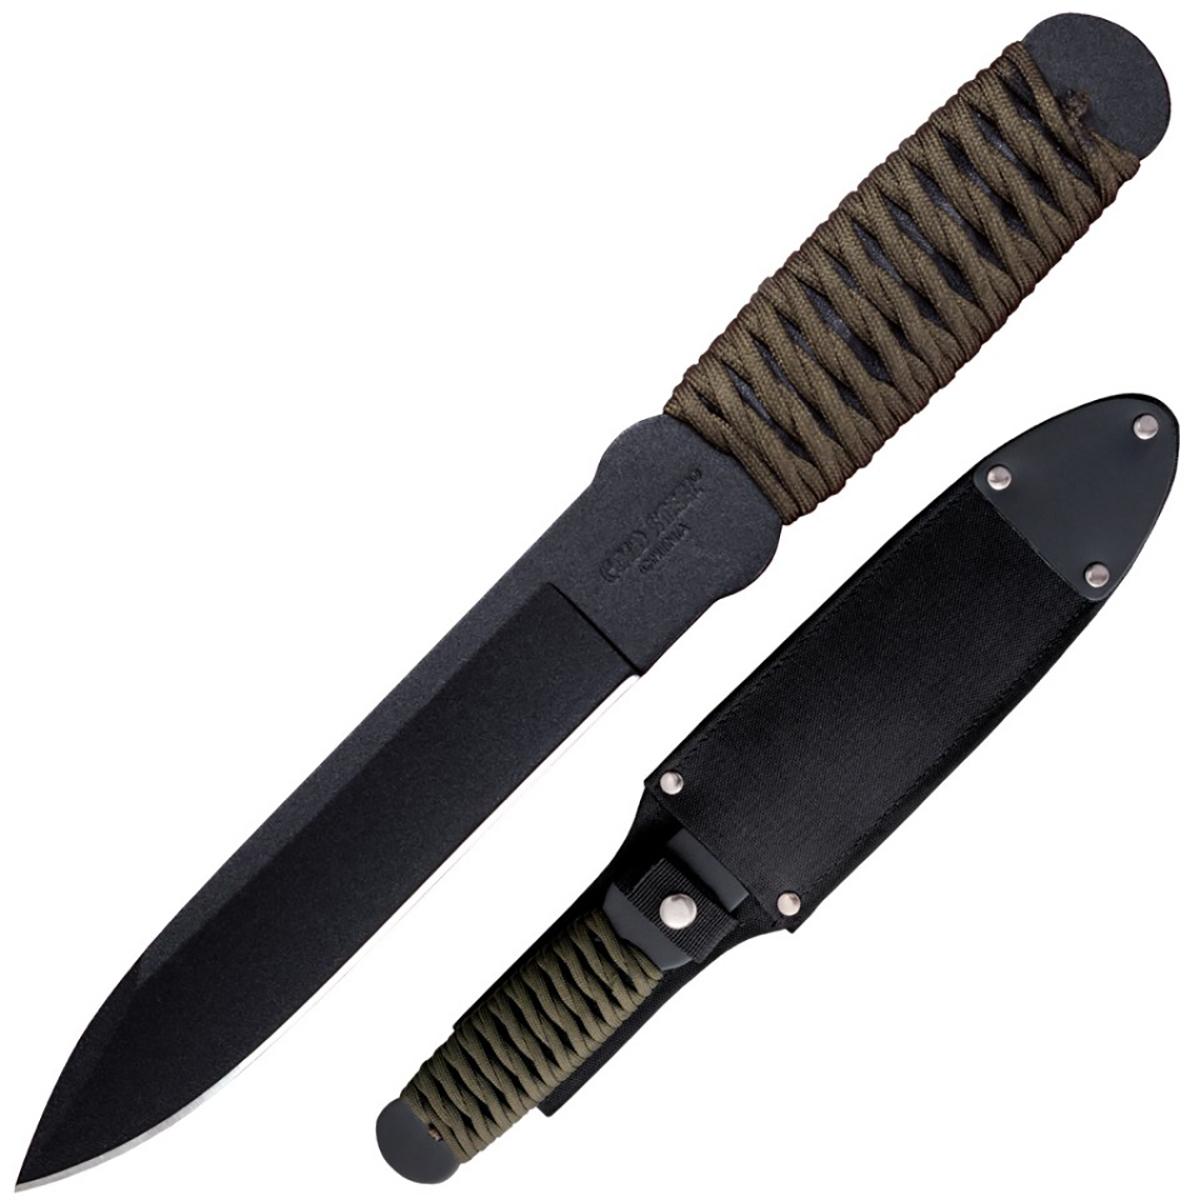 Нож Cold Steel True Flight Thrower, с ножнами, общая длина 30,5 см